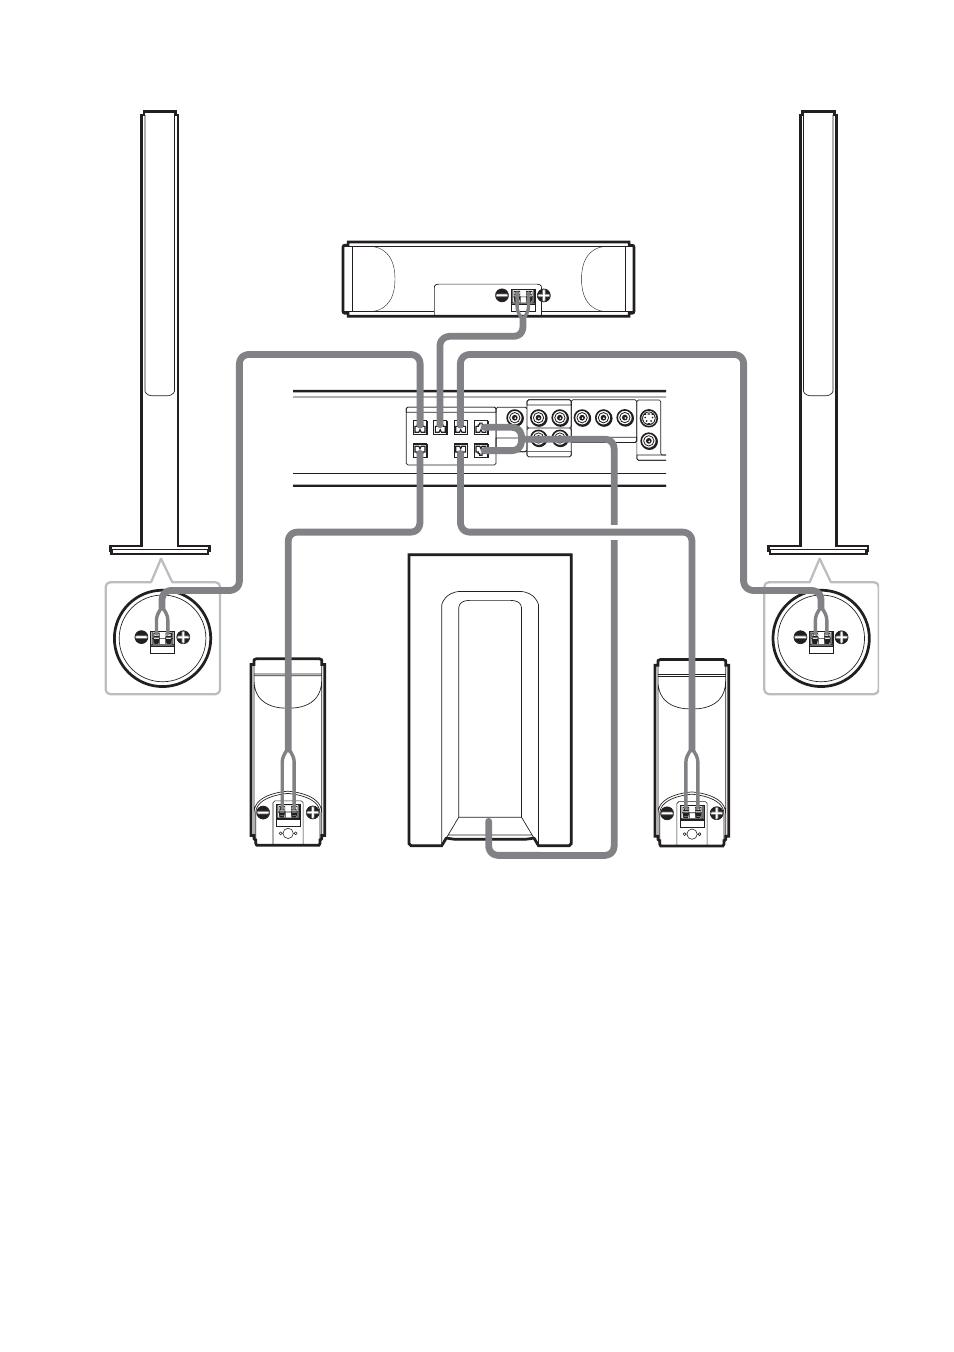 dav fr8 sony dav fr1 user manual page 16 108 original mode rh manualsdir com Sony DAV HDX500 Sony DAV HDX500